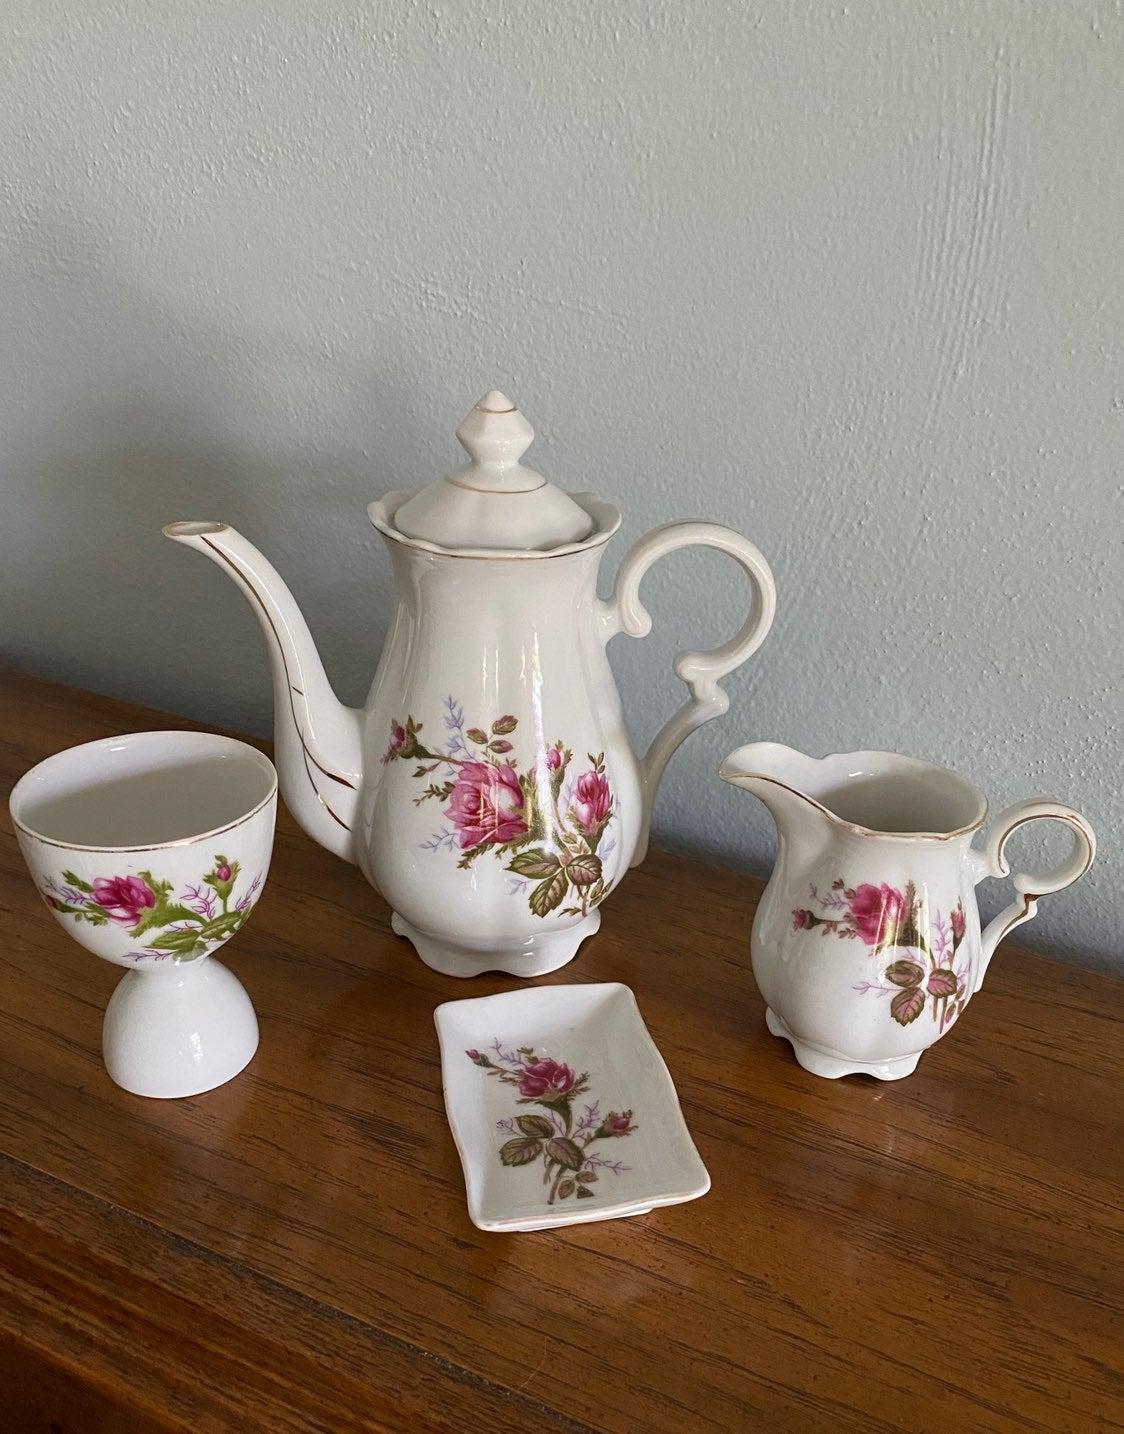 4 Pcs. Of Vintage Moss Rose Porcelain